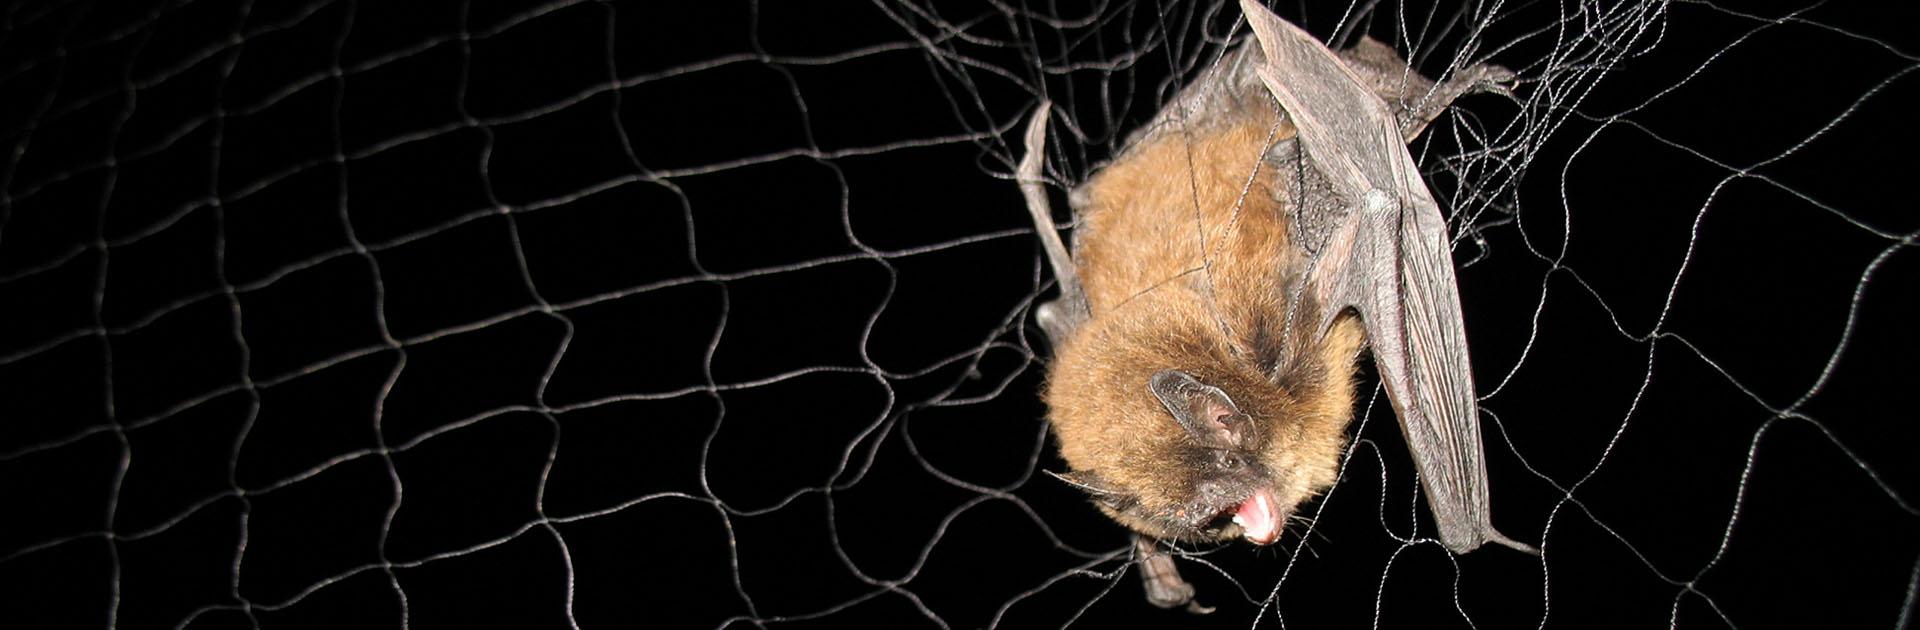 long-legged-bat-Myotis-volans-in-mist-net-Jeetekno